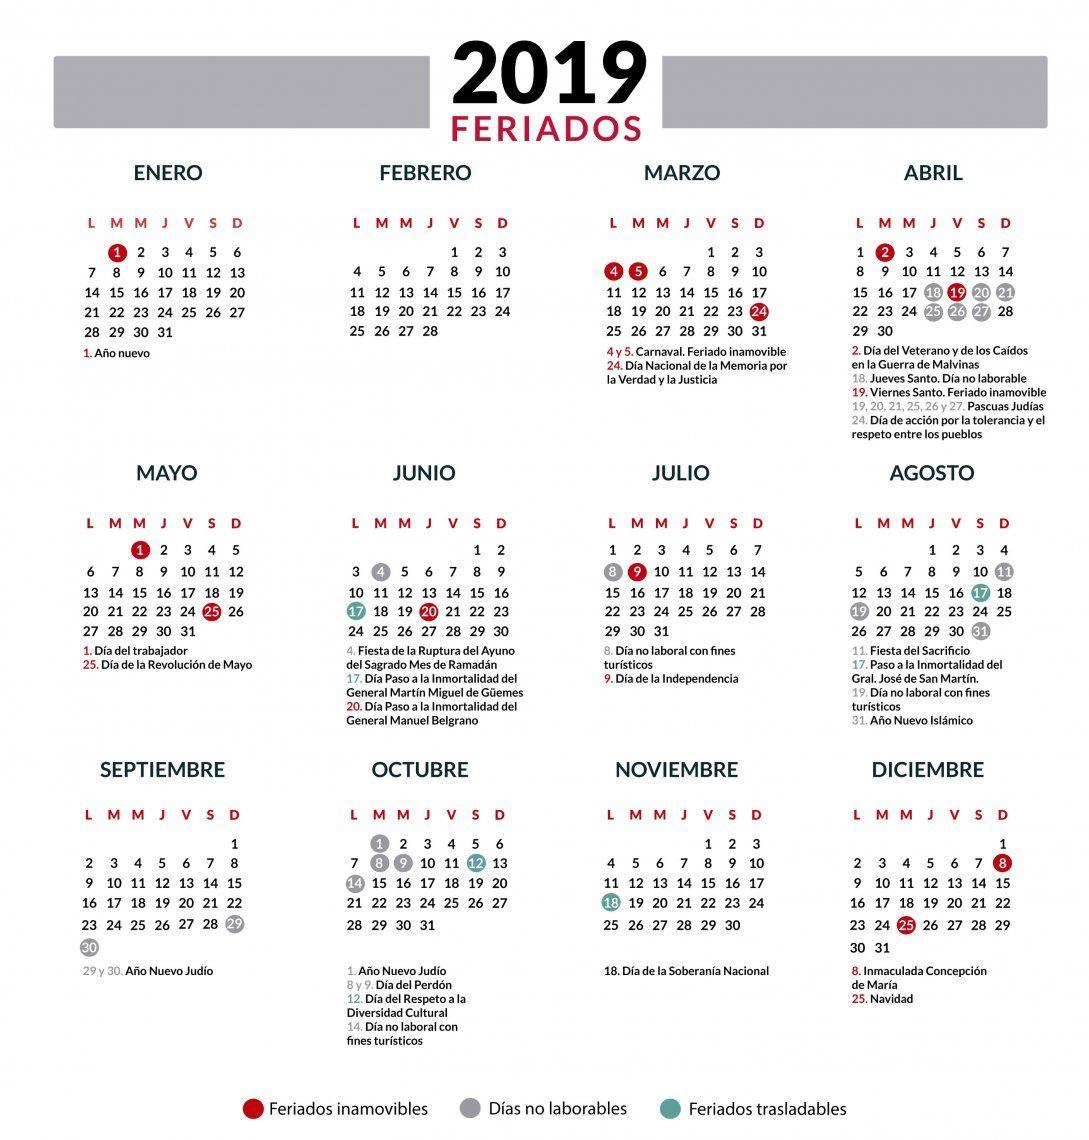 Calendario Diciembre 2018 Argentina.Feriados 2019 En Argentina El Calendario Completo Feriados